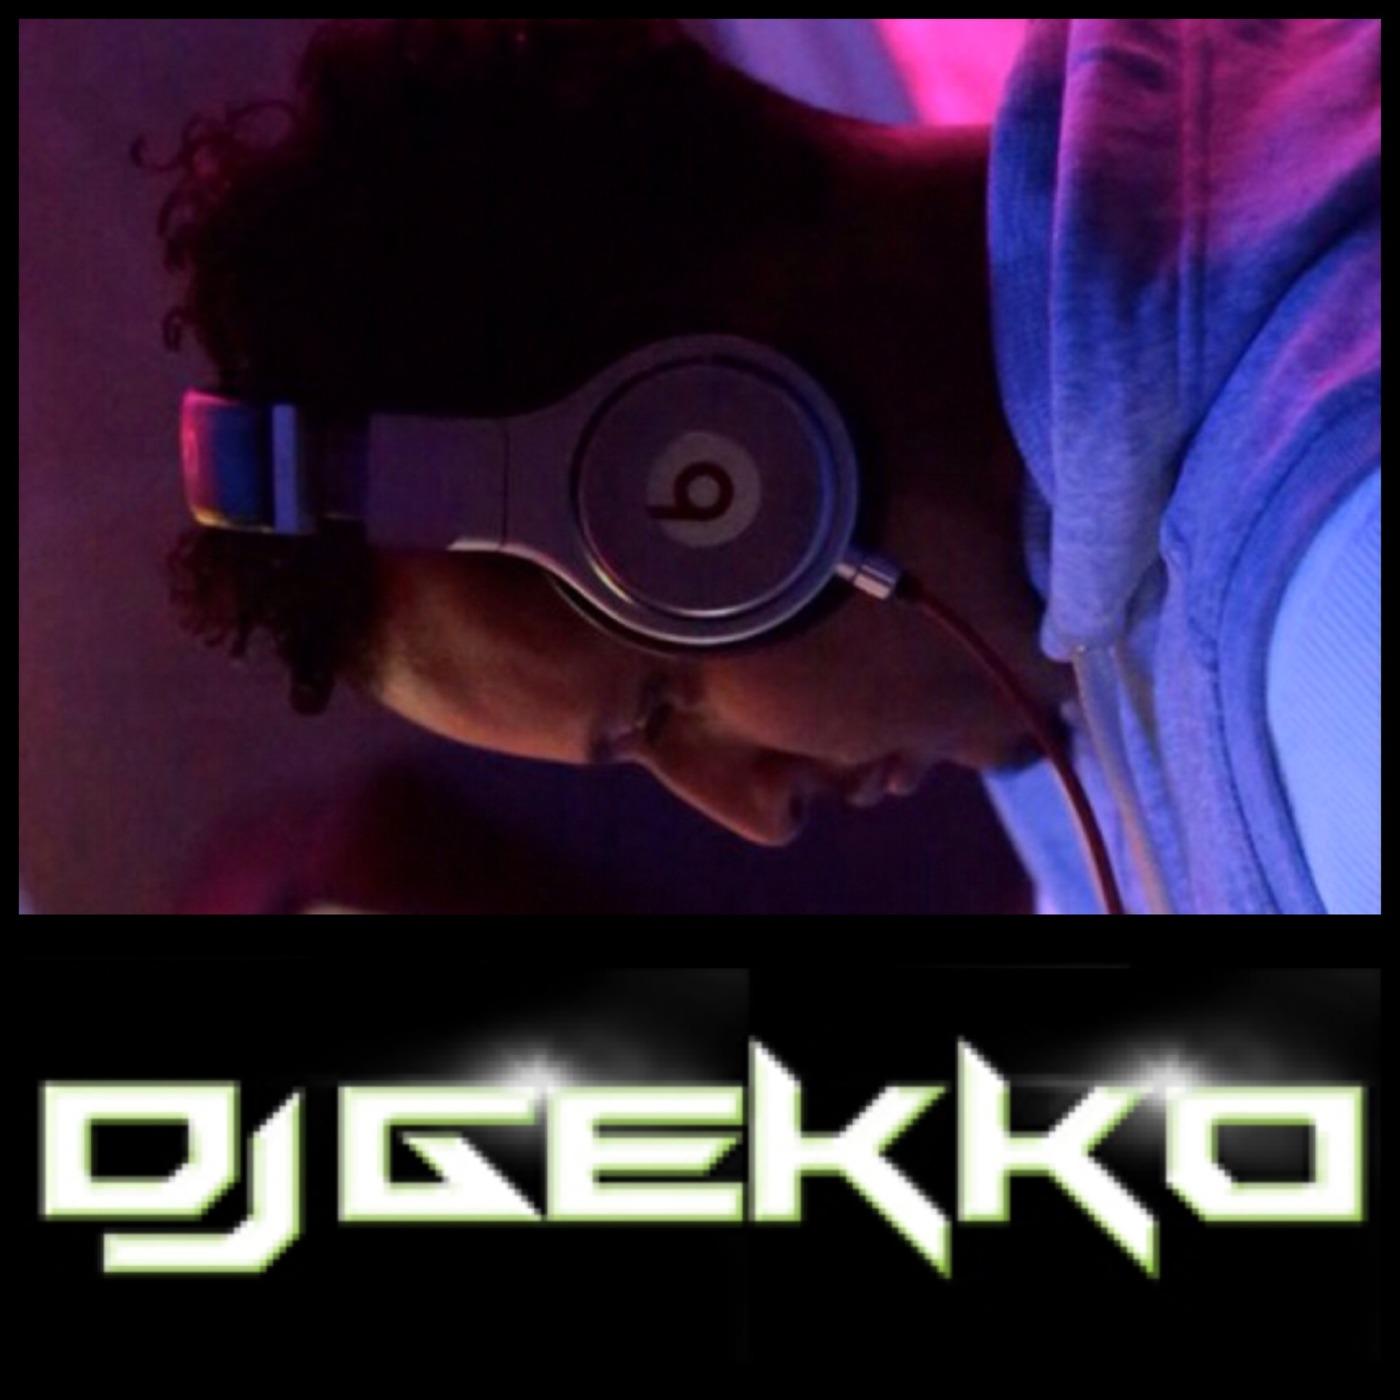 DJ GEKKO's Podcast